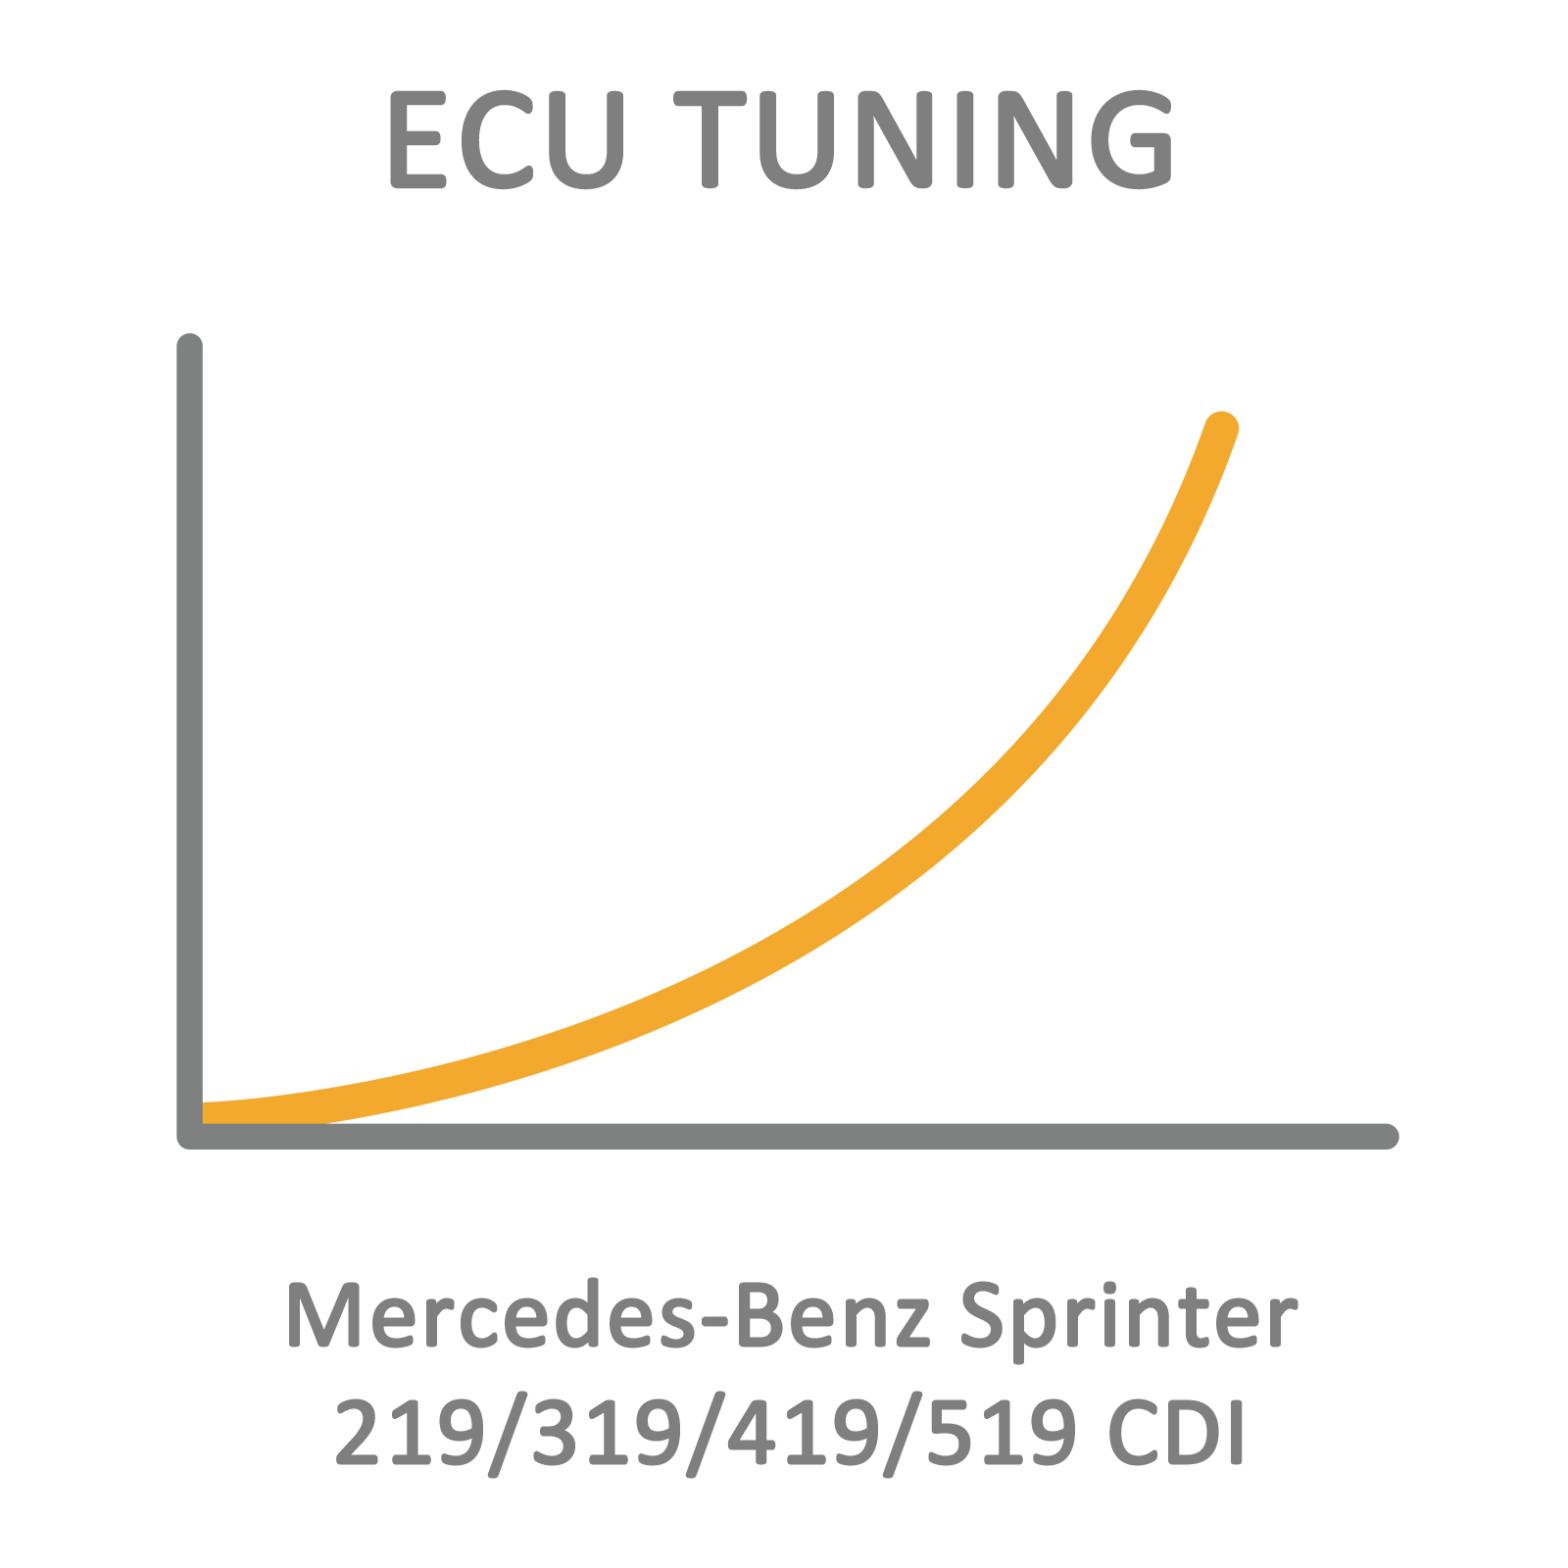 Mercedes-Benz Sprinter 219/319/419/519 CDI 190HP ECU